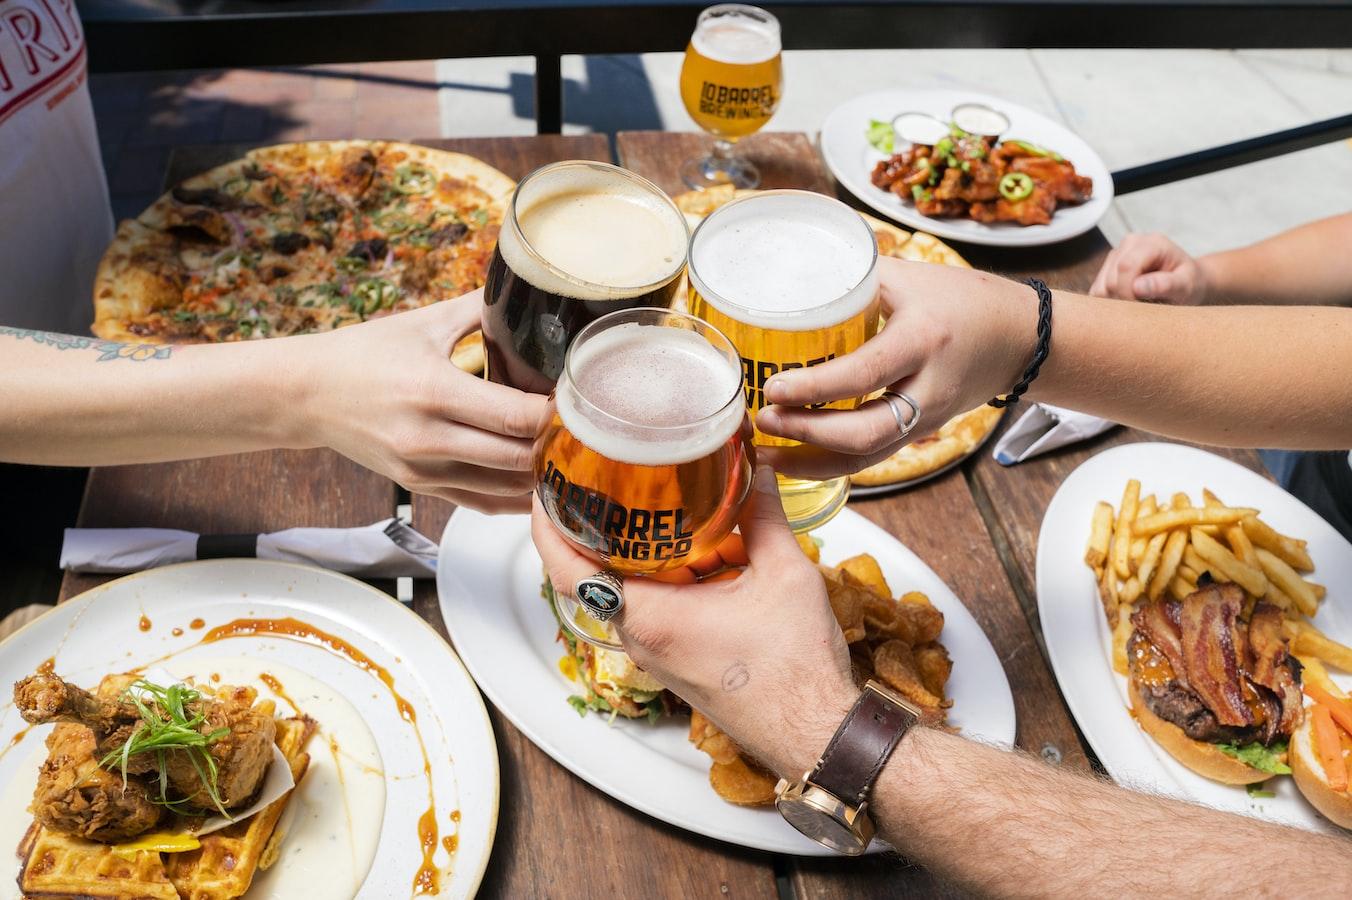 מרימים לחיים - השפעות האלכוהול על השרירים